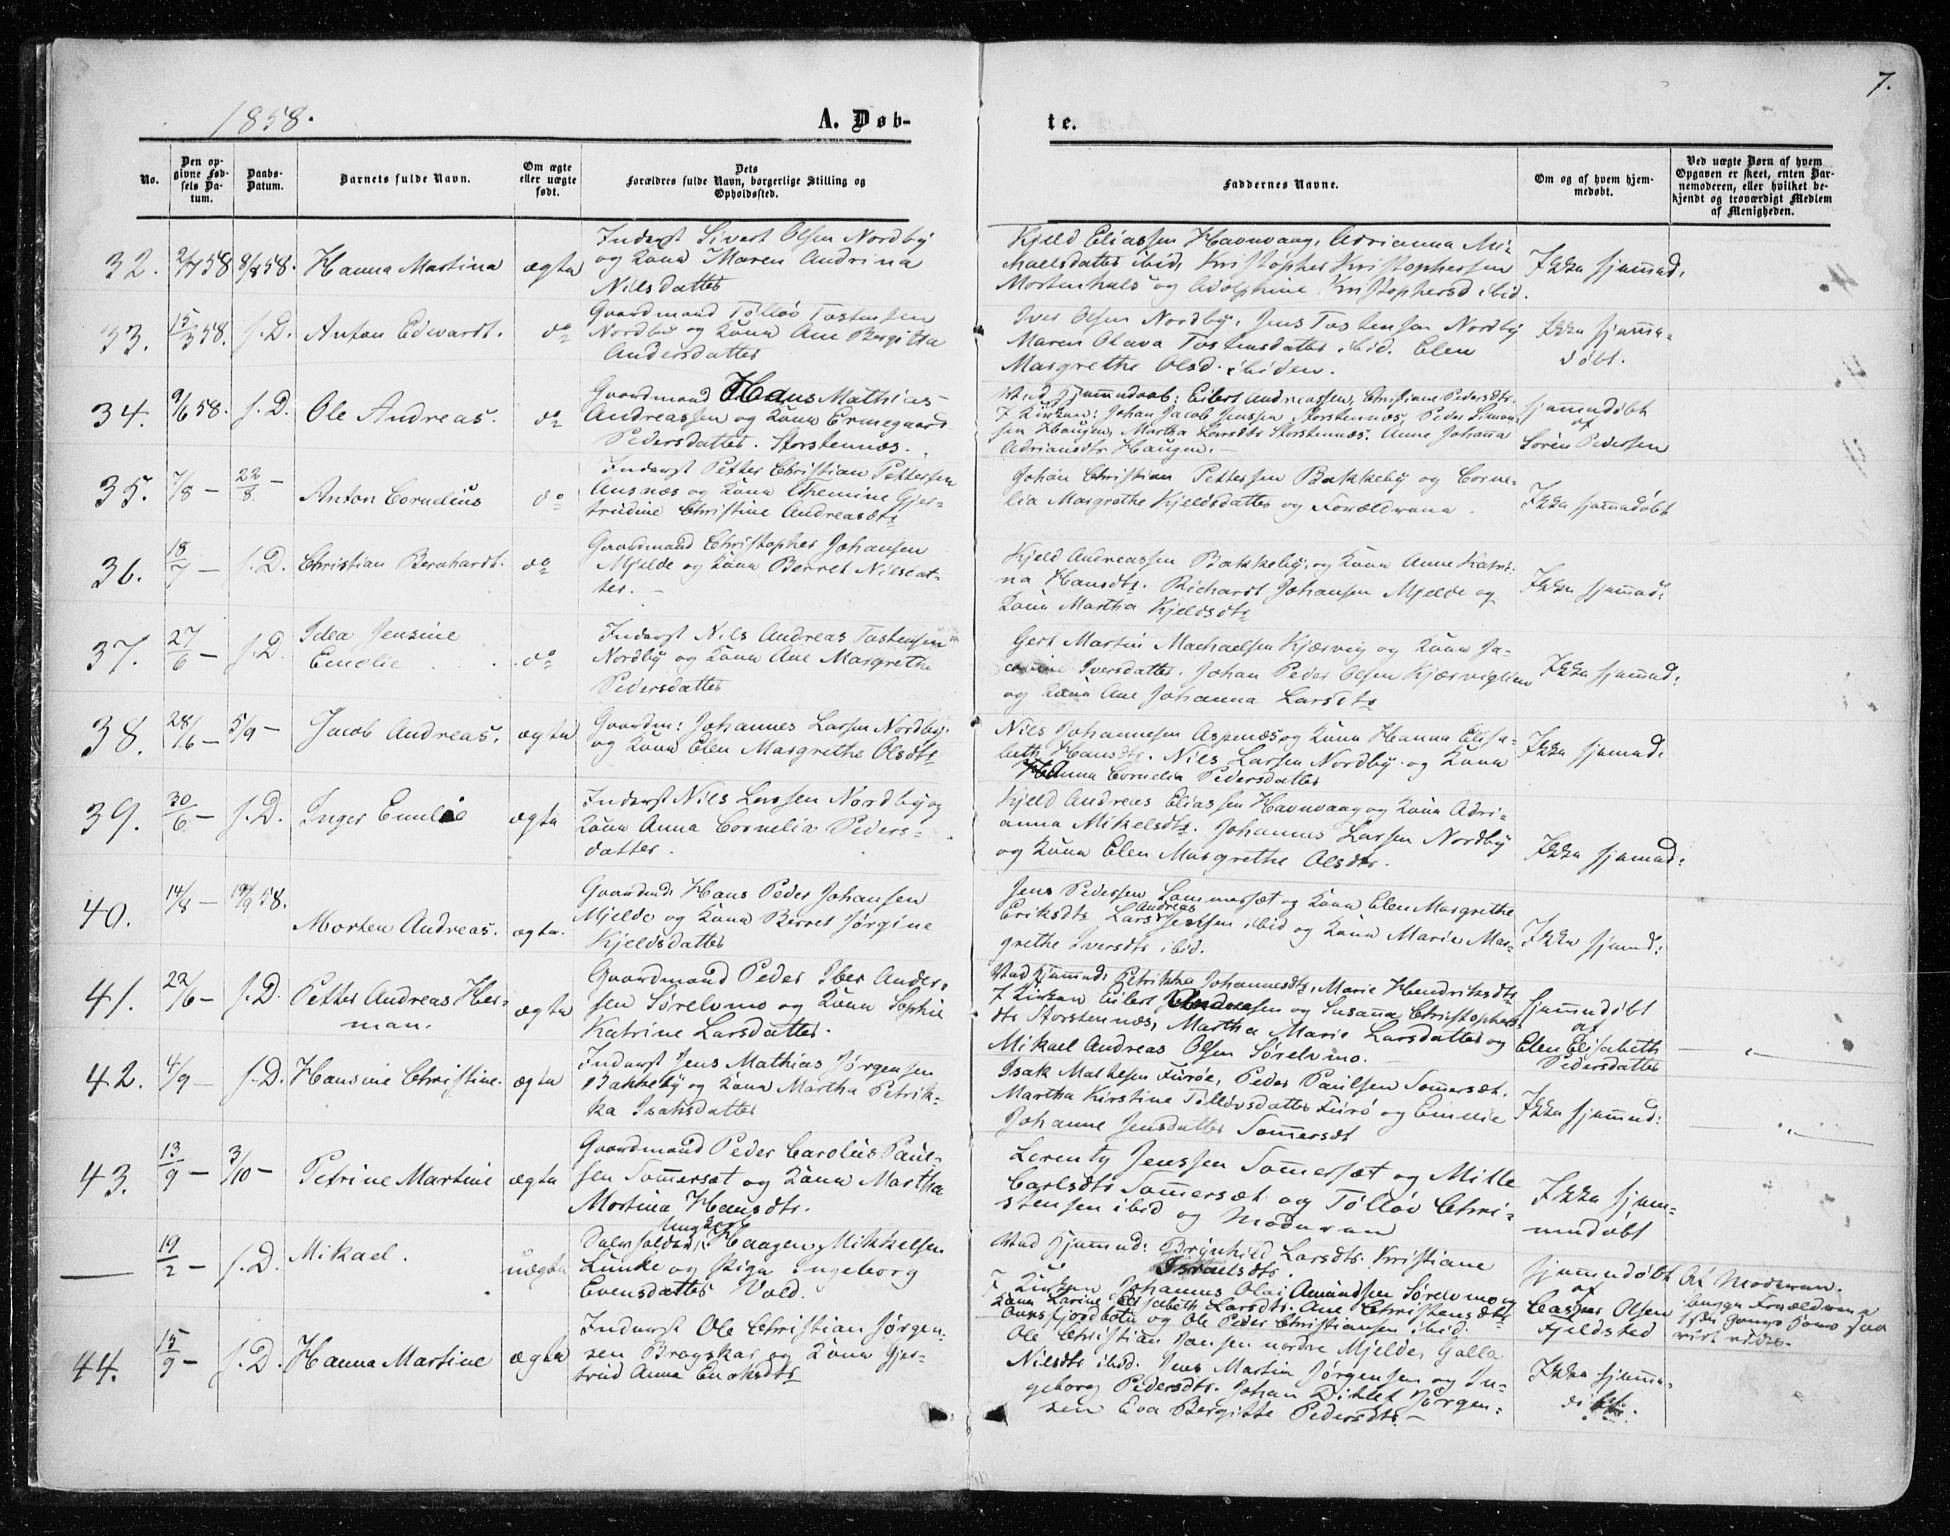 SATØ, Balsfjord sokneprestembete, G/Ga/L0001kirke: Ministerialbok nr. 1, 1858-1870, s. 7